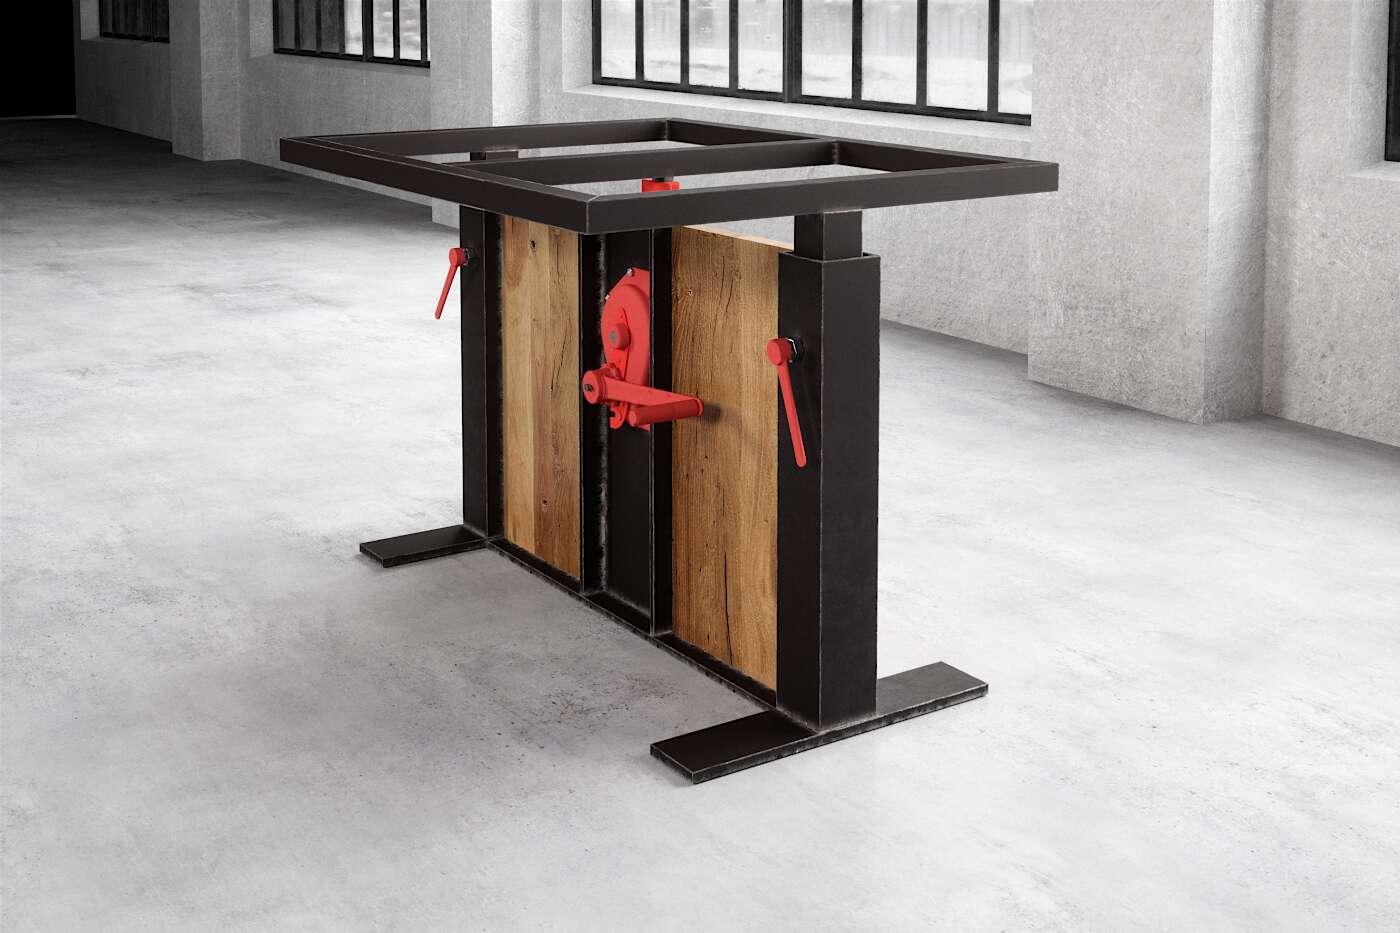 Esstisch Tischgestell Holz Stahl kombiniert nach Maß Compus